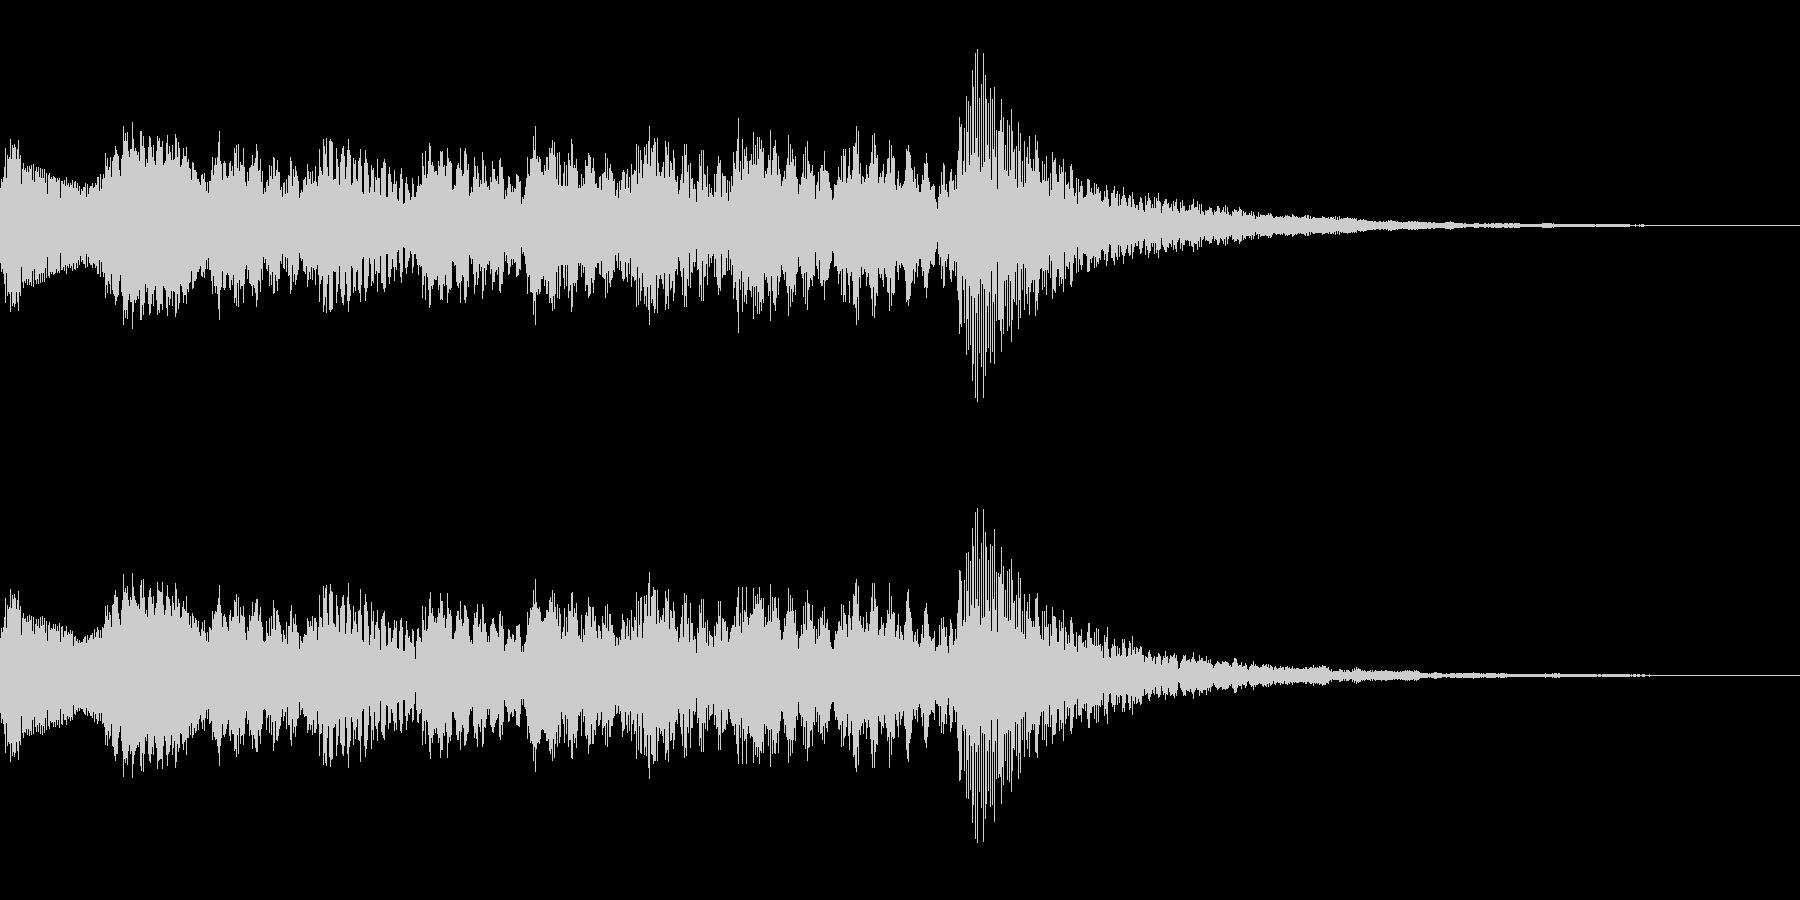 ソフトウェアの起動音の未再生の波形